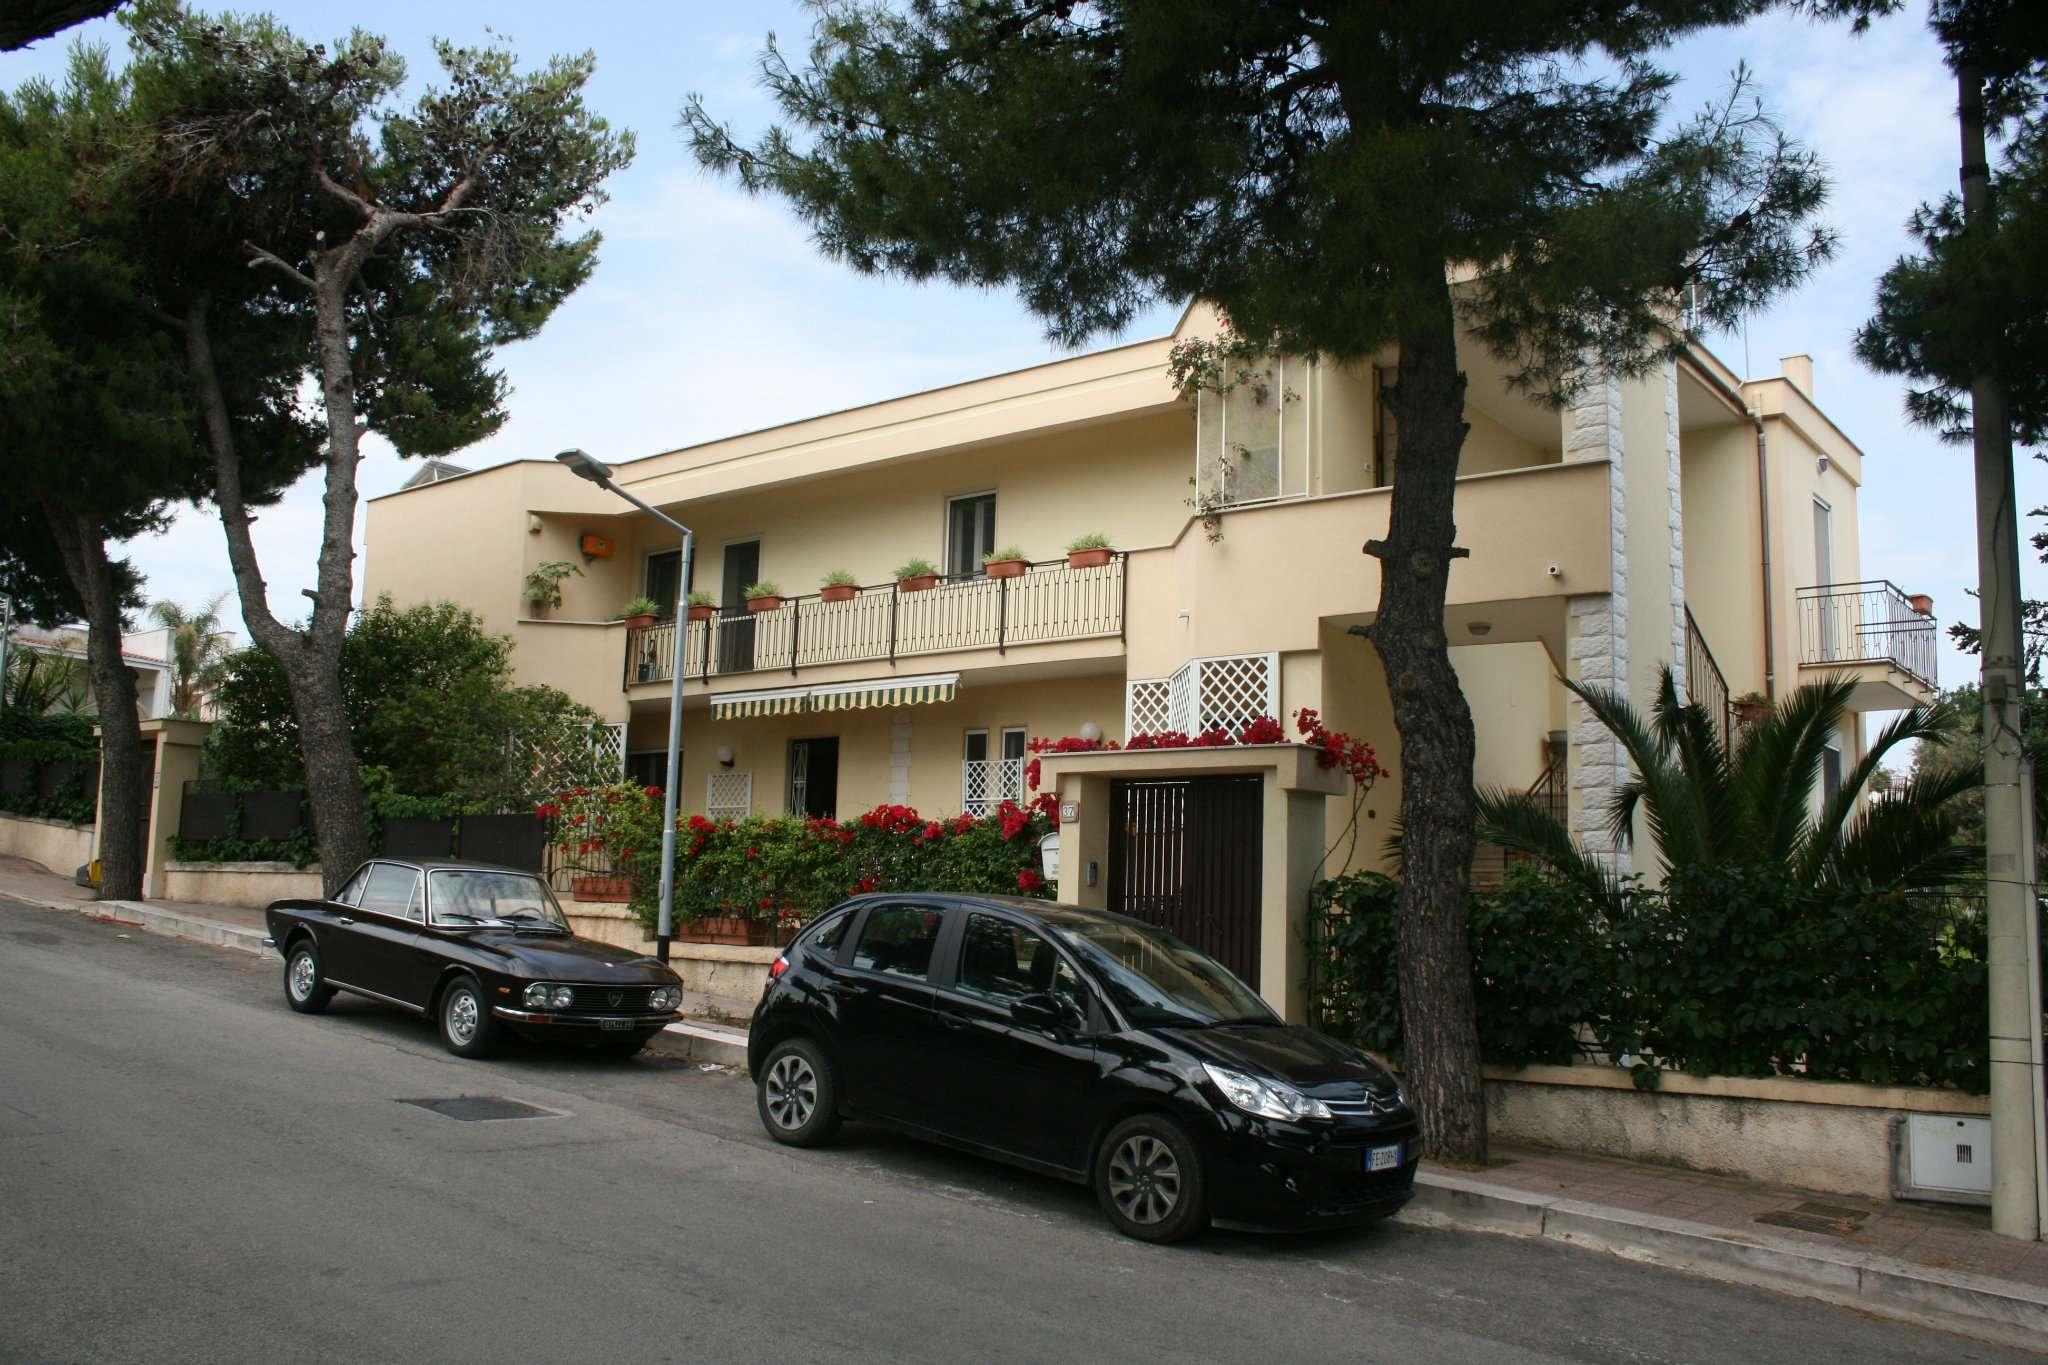 Appartamento quadrilocale in vendita a Bisceglie (BT)